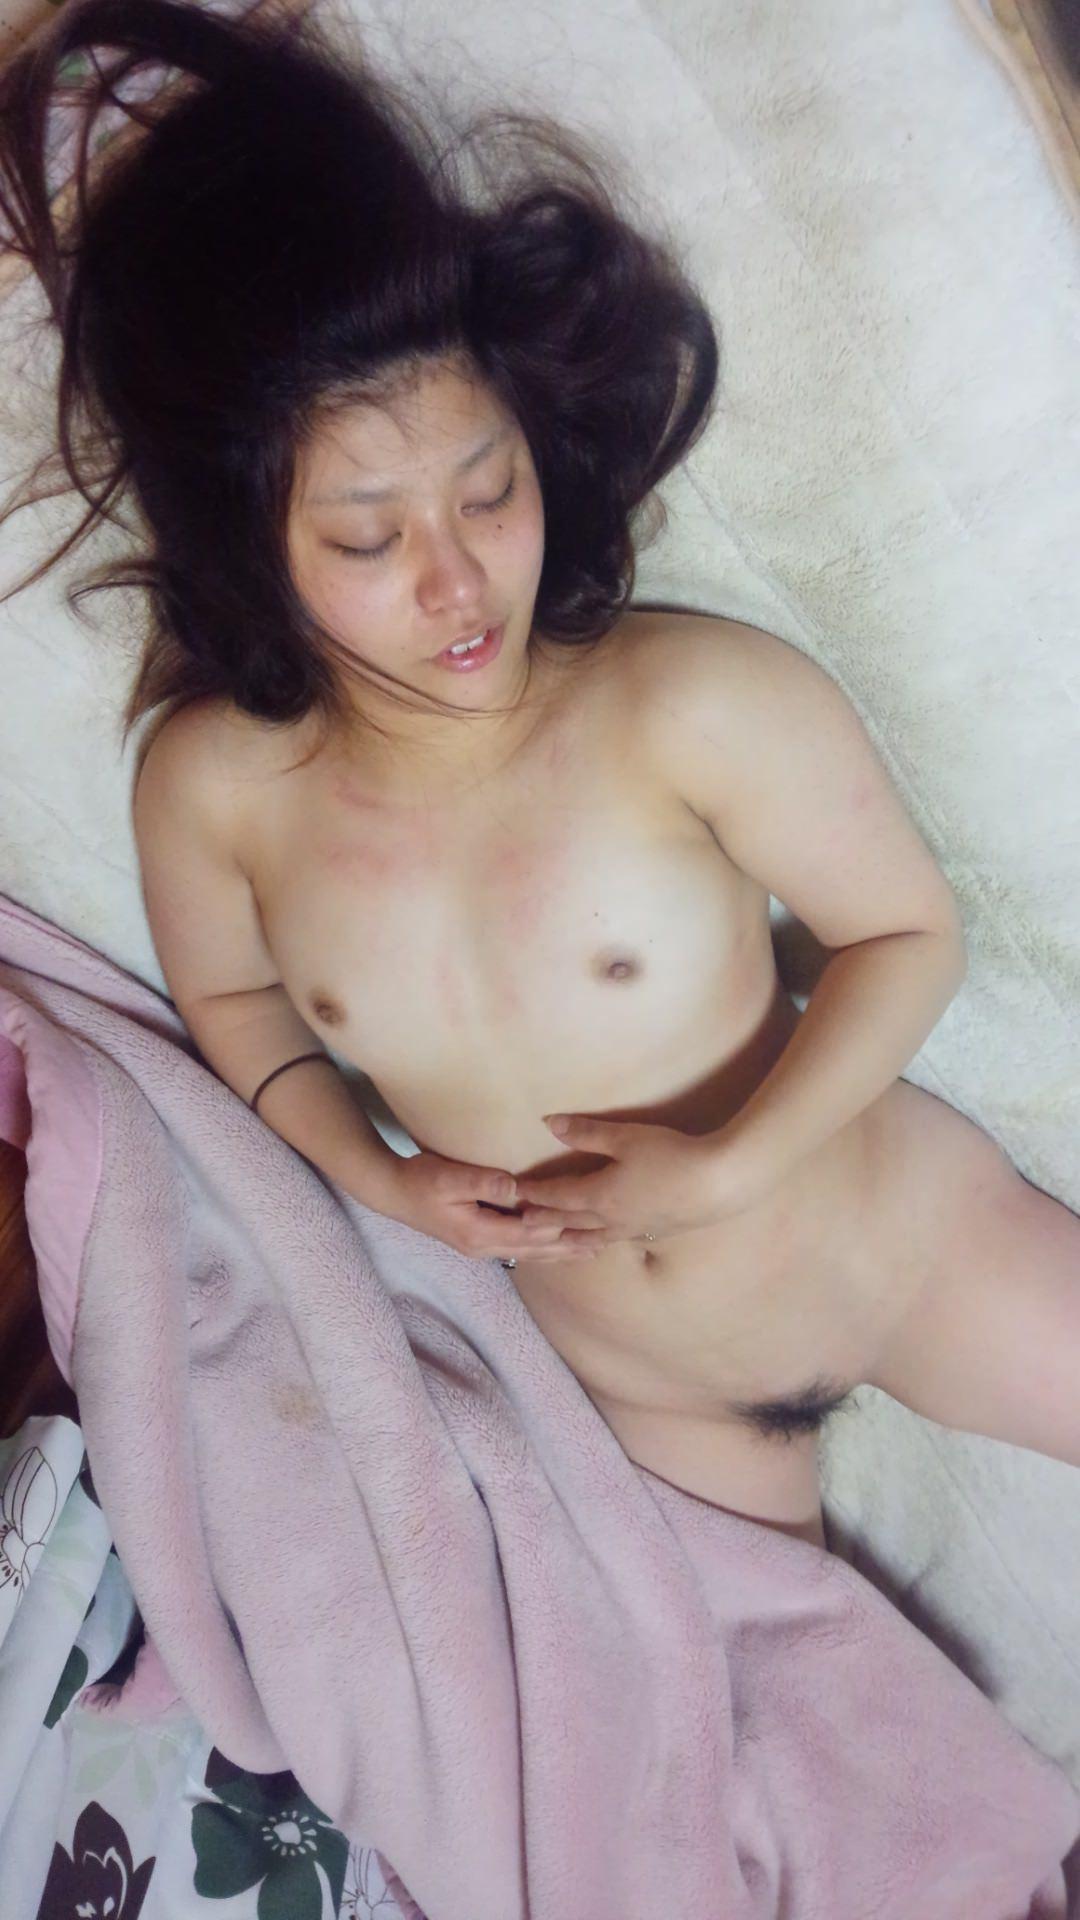 イキ過ぎてセックス直後に賢者で寝てる彼女のスケべヌードwwwおまんこおっぱい丸出しwww 0454